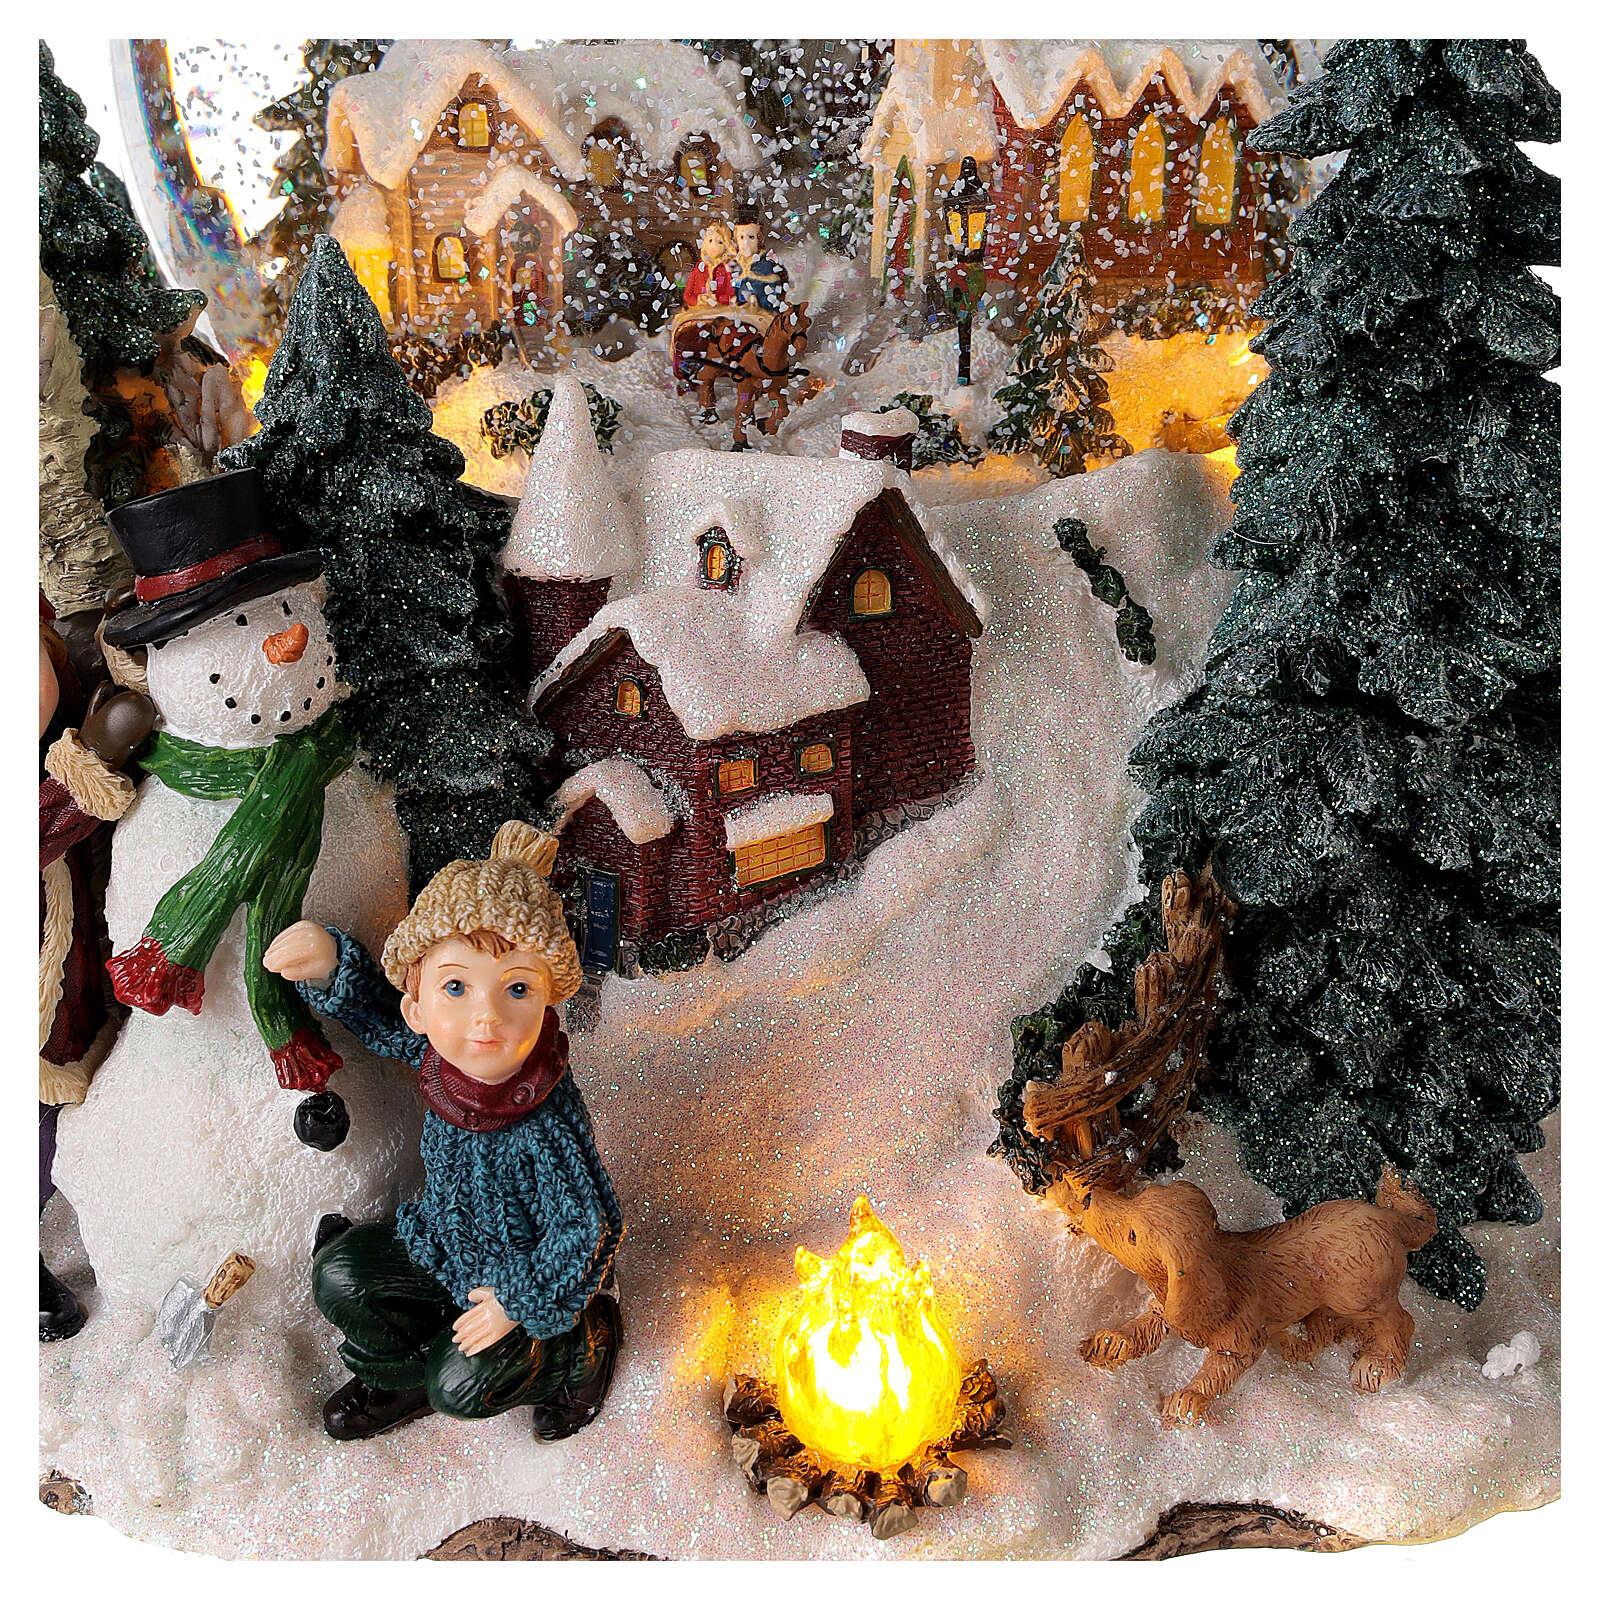 Sfera di vetro neve paesaggio invernale carillon luci 25x20x25 cm 3